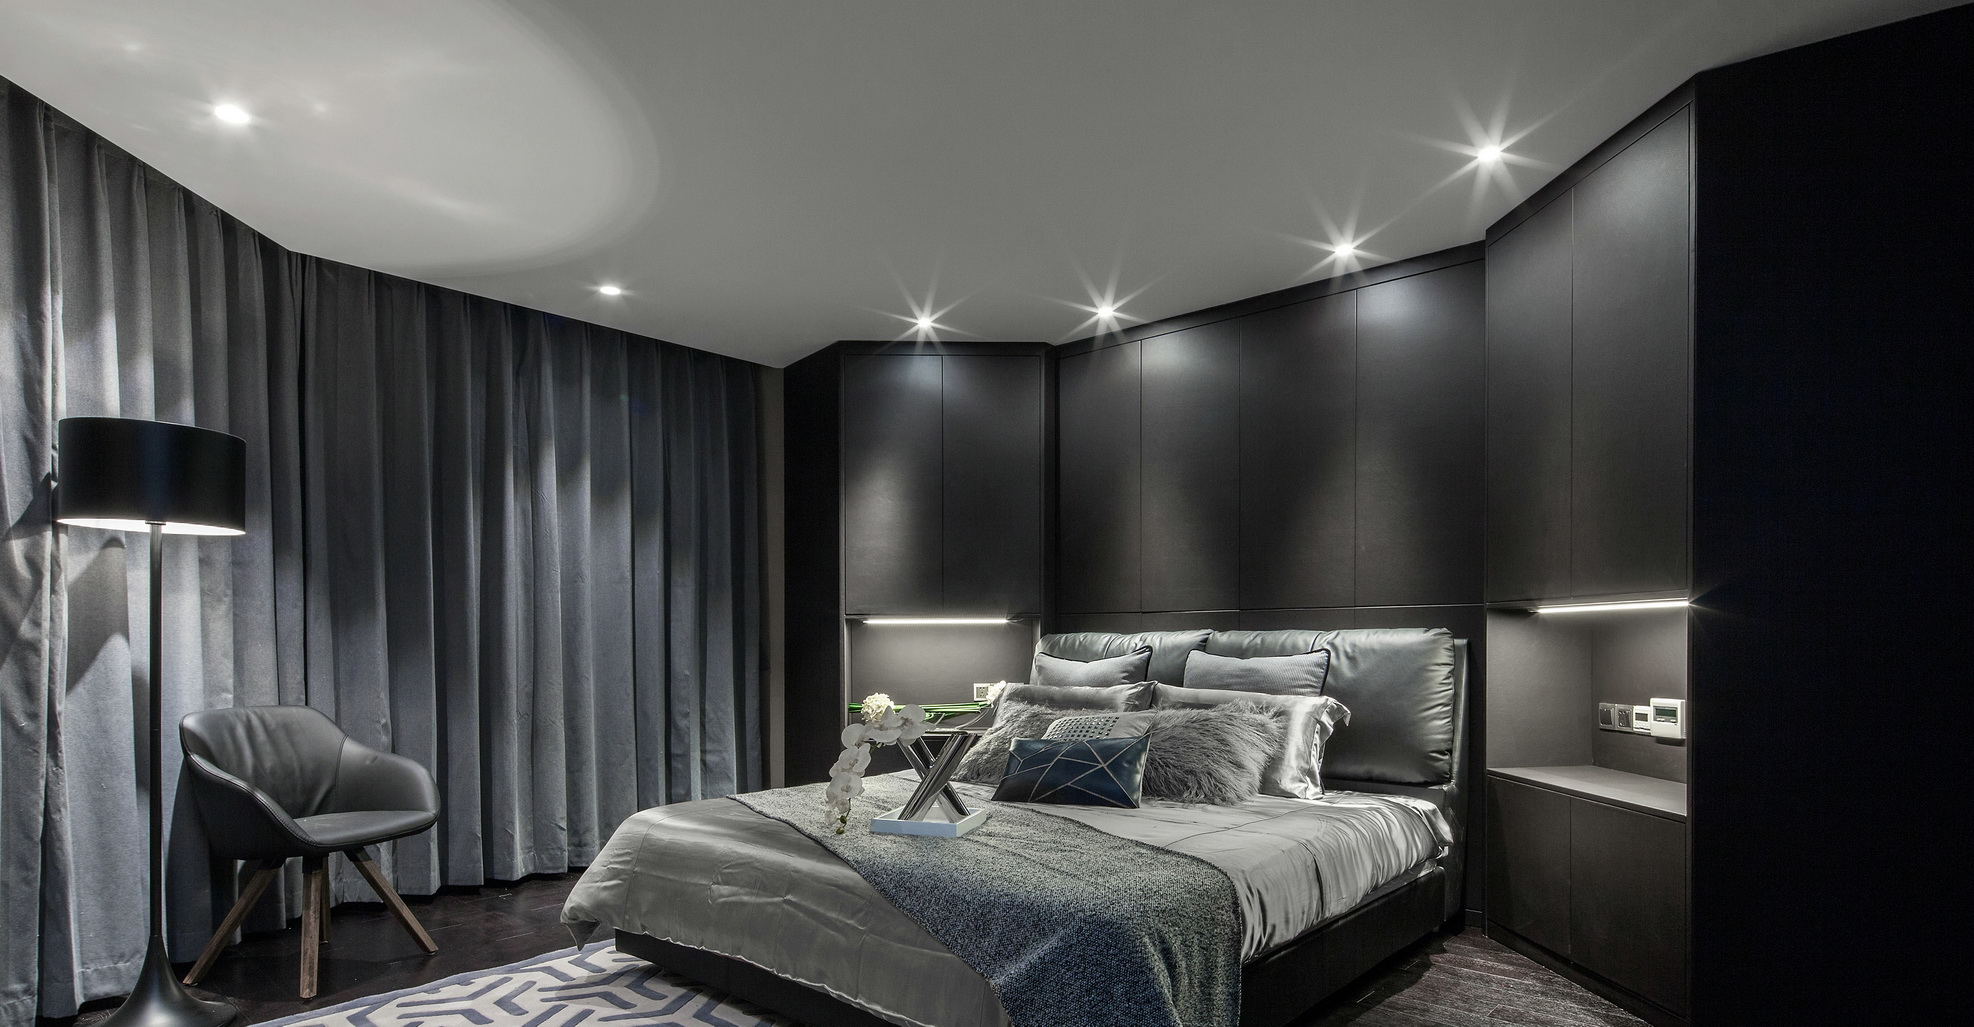 卧室中放置着简约的大床,搭配上以黑灰为布艺床品,